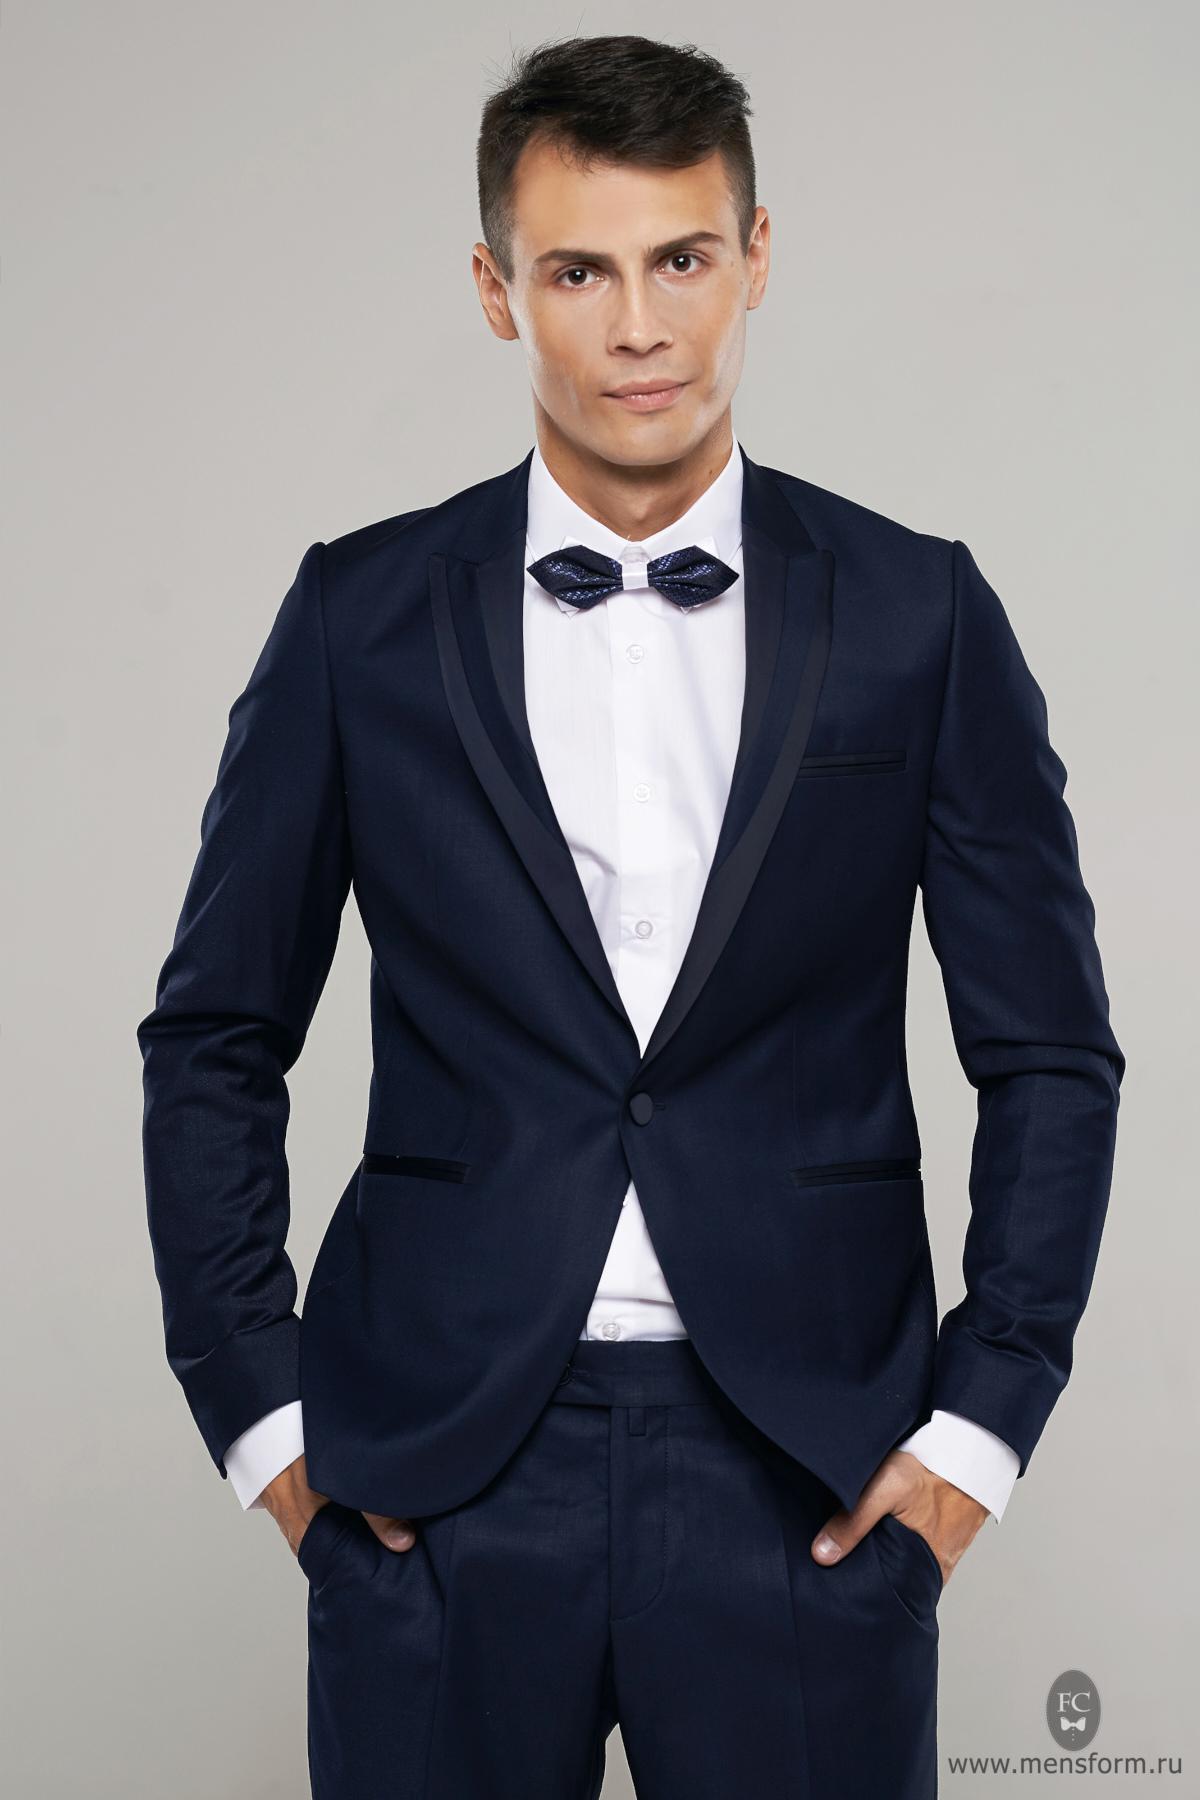 Недорогие мужские костюмы на свадьбу москва недорого